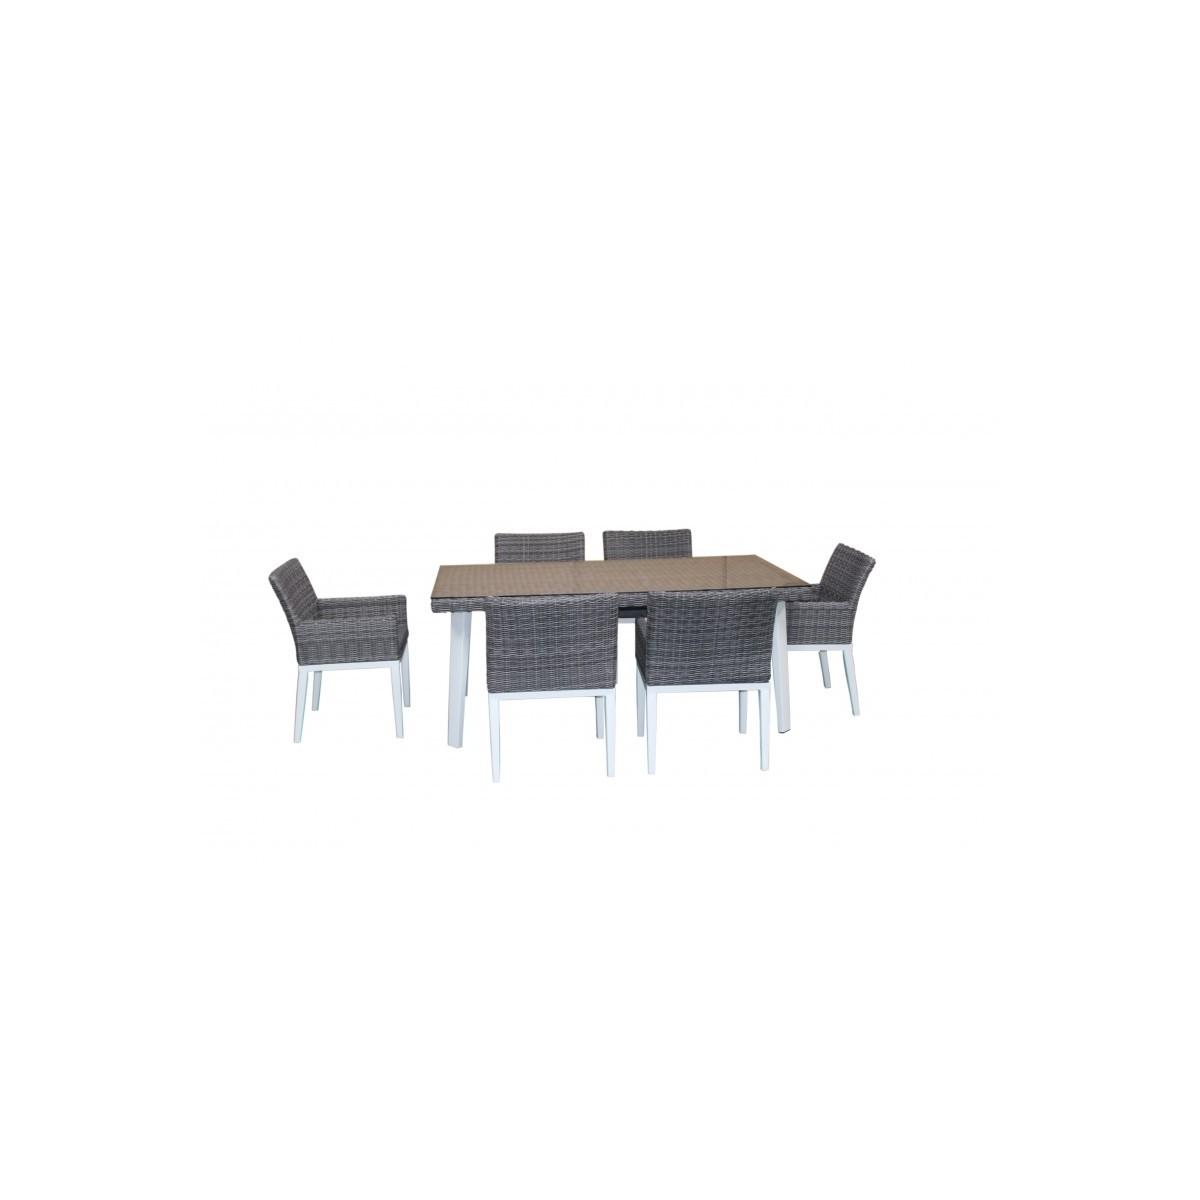 esstisch und 6 stuhle garten integrierten luka geflochten harz und aluminium weiss grau amp story 5476